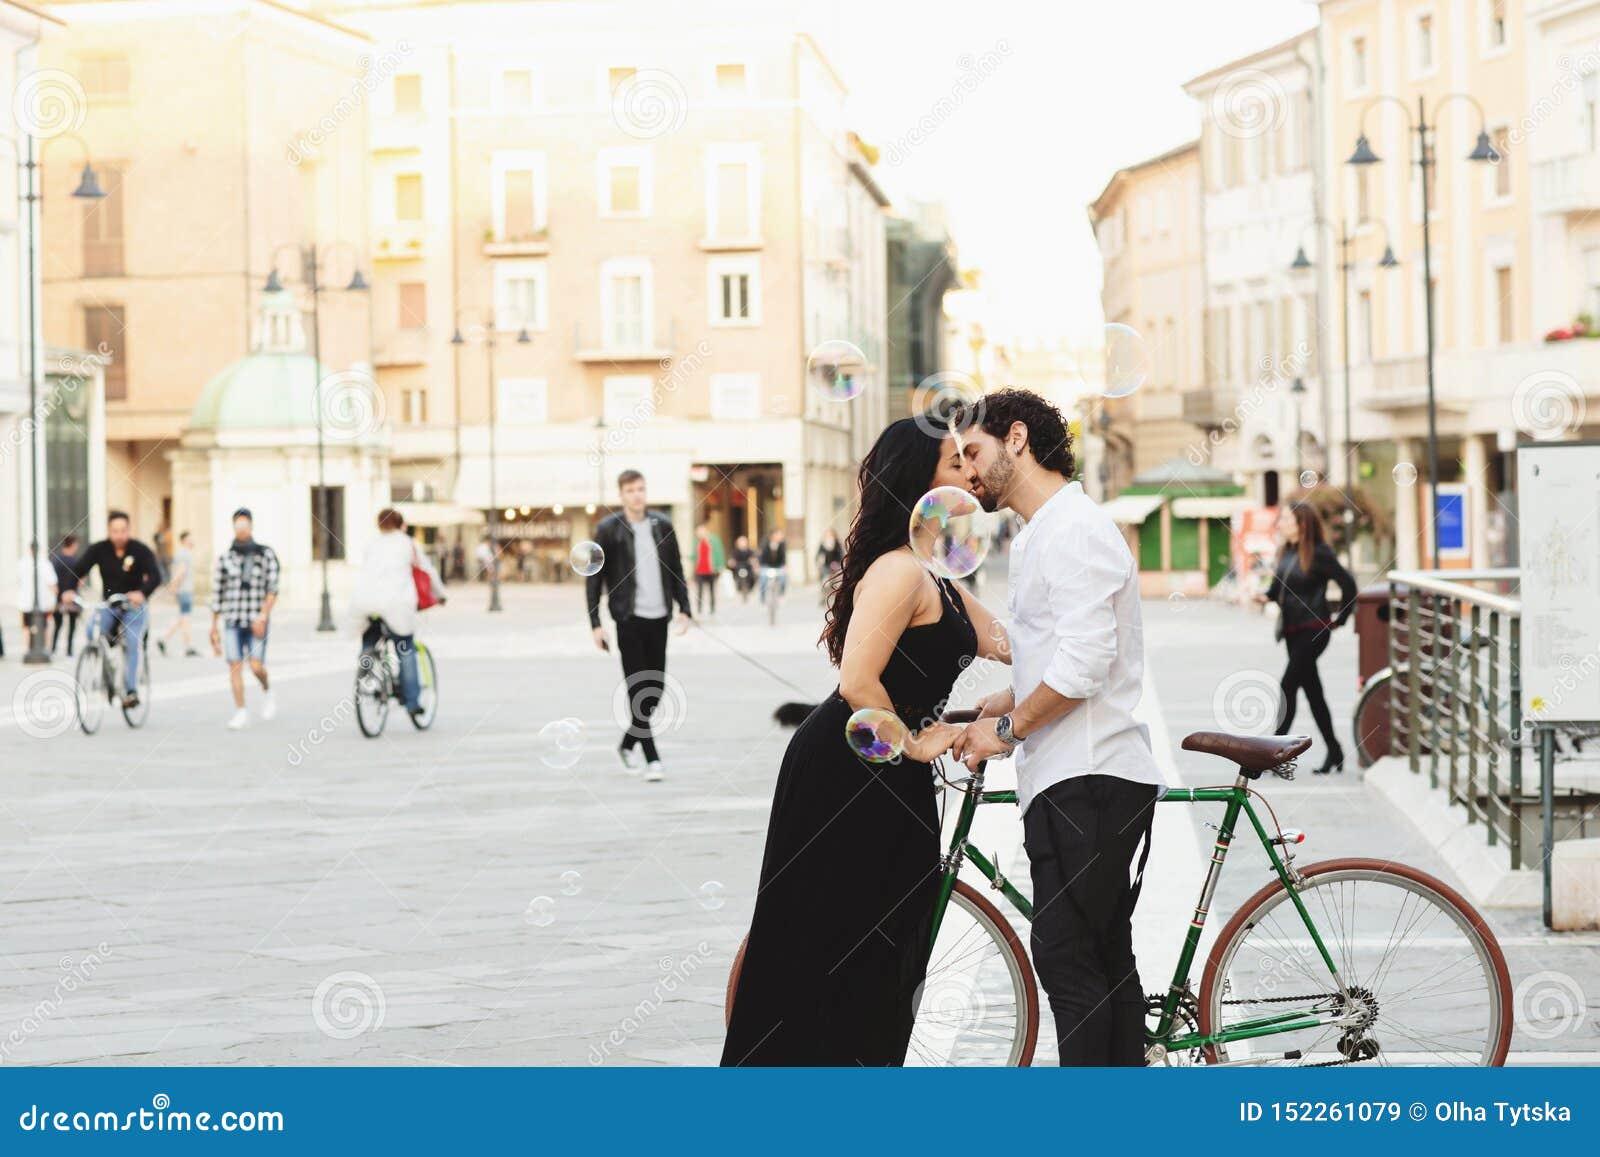 L homme et la femme avec une bicyclette embrassent dans la vieille ville Autour de eux sont les bulles de l eau Histoire d amour